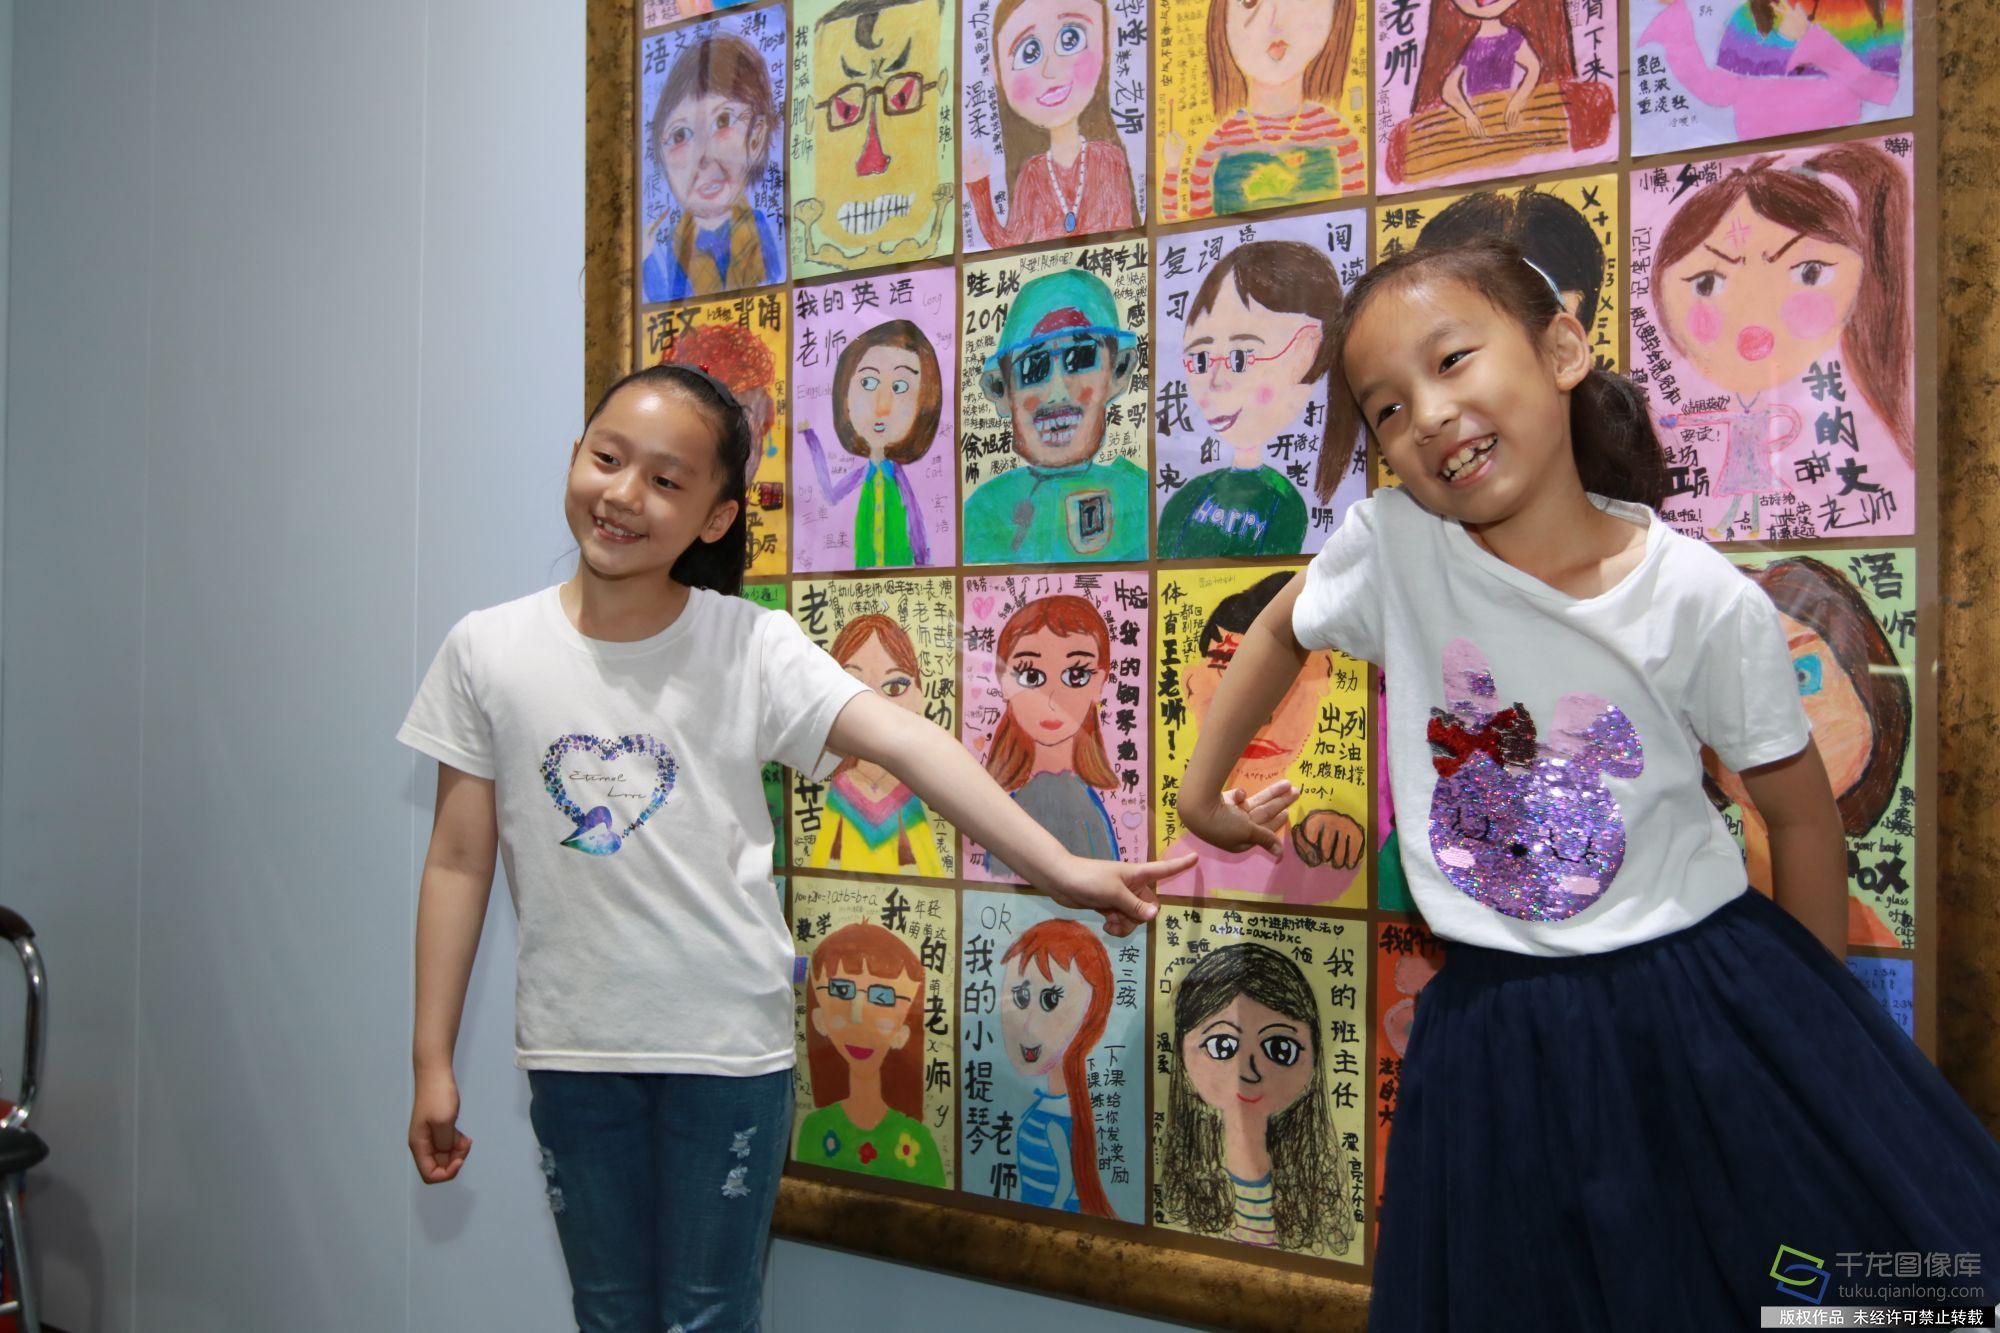 东交民巷小学学生用绘画展现祖国70年发展变化图片